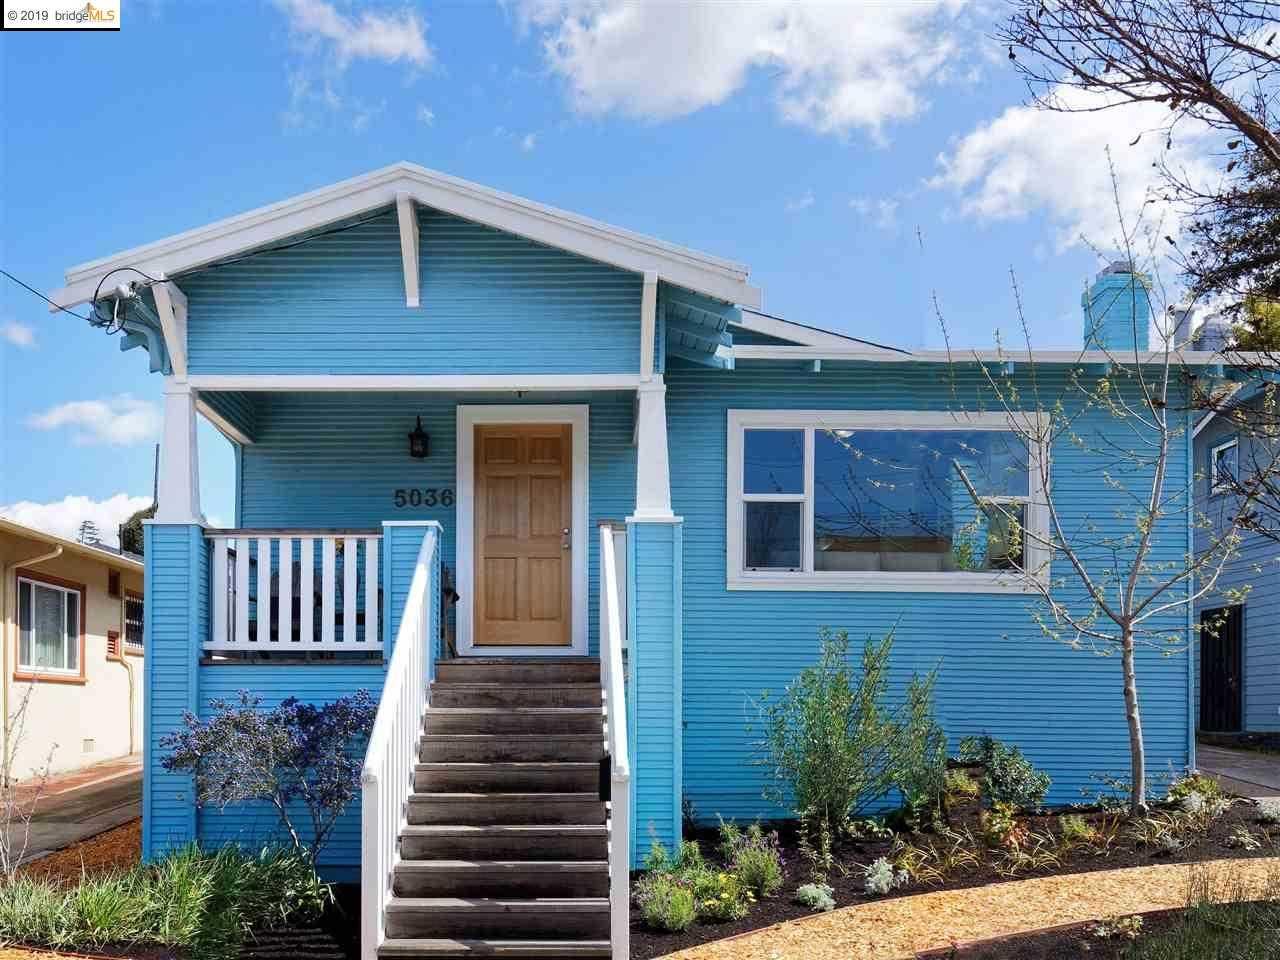 5036 Fairfax Ave Oakland, CA 94601